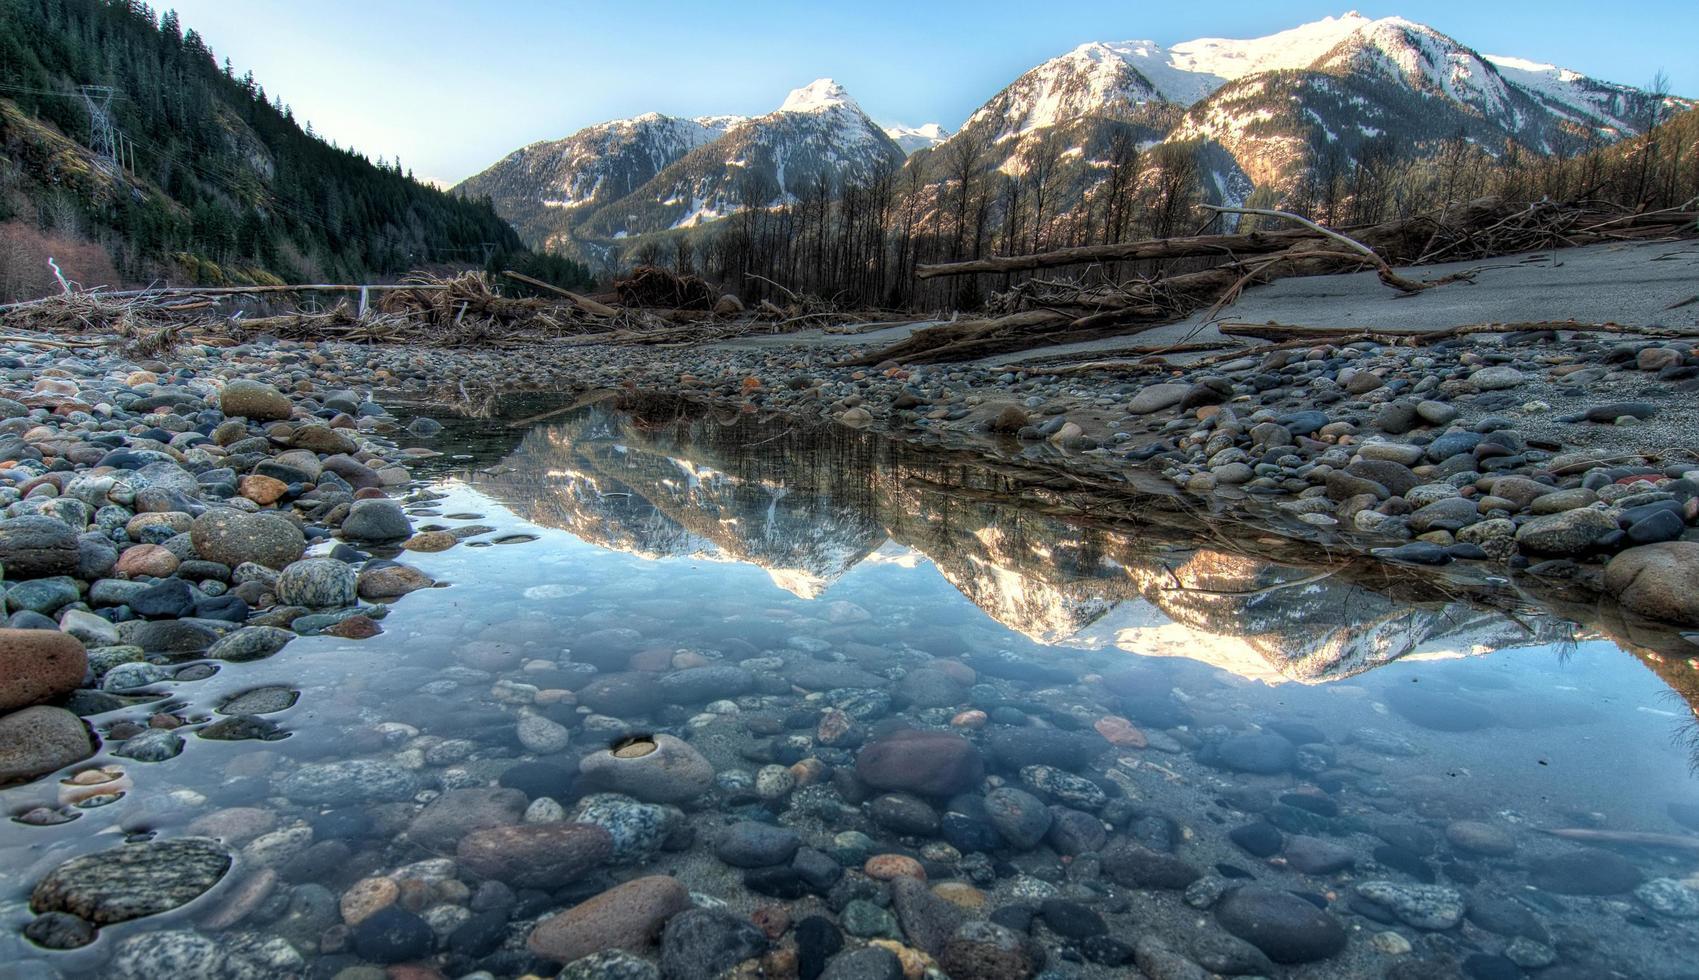 reflet des montagnes dans l'eau photo